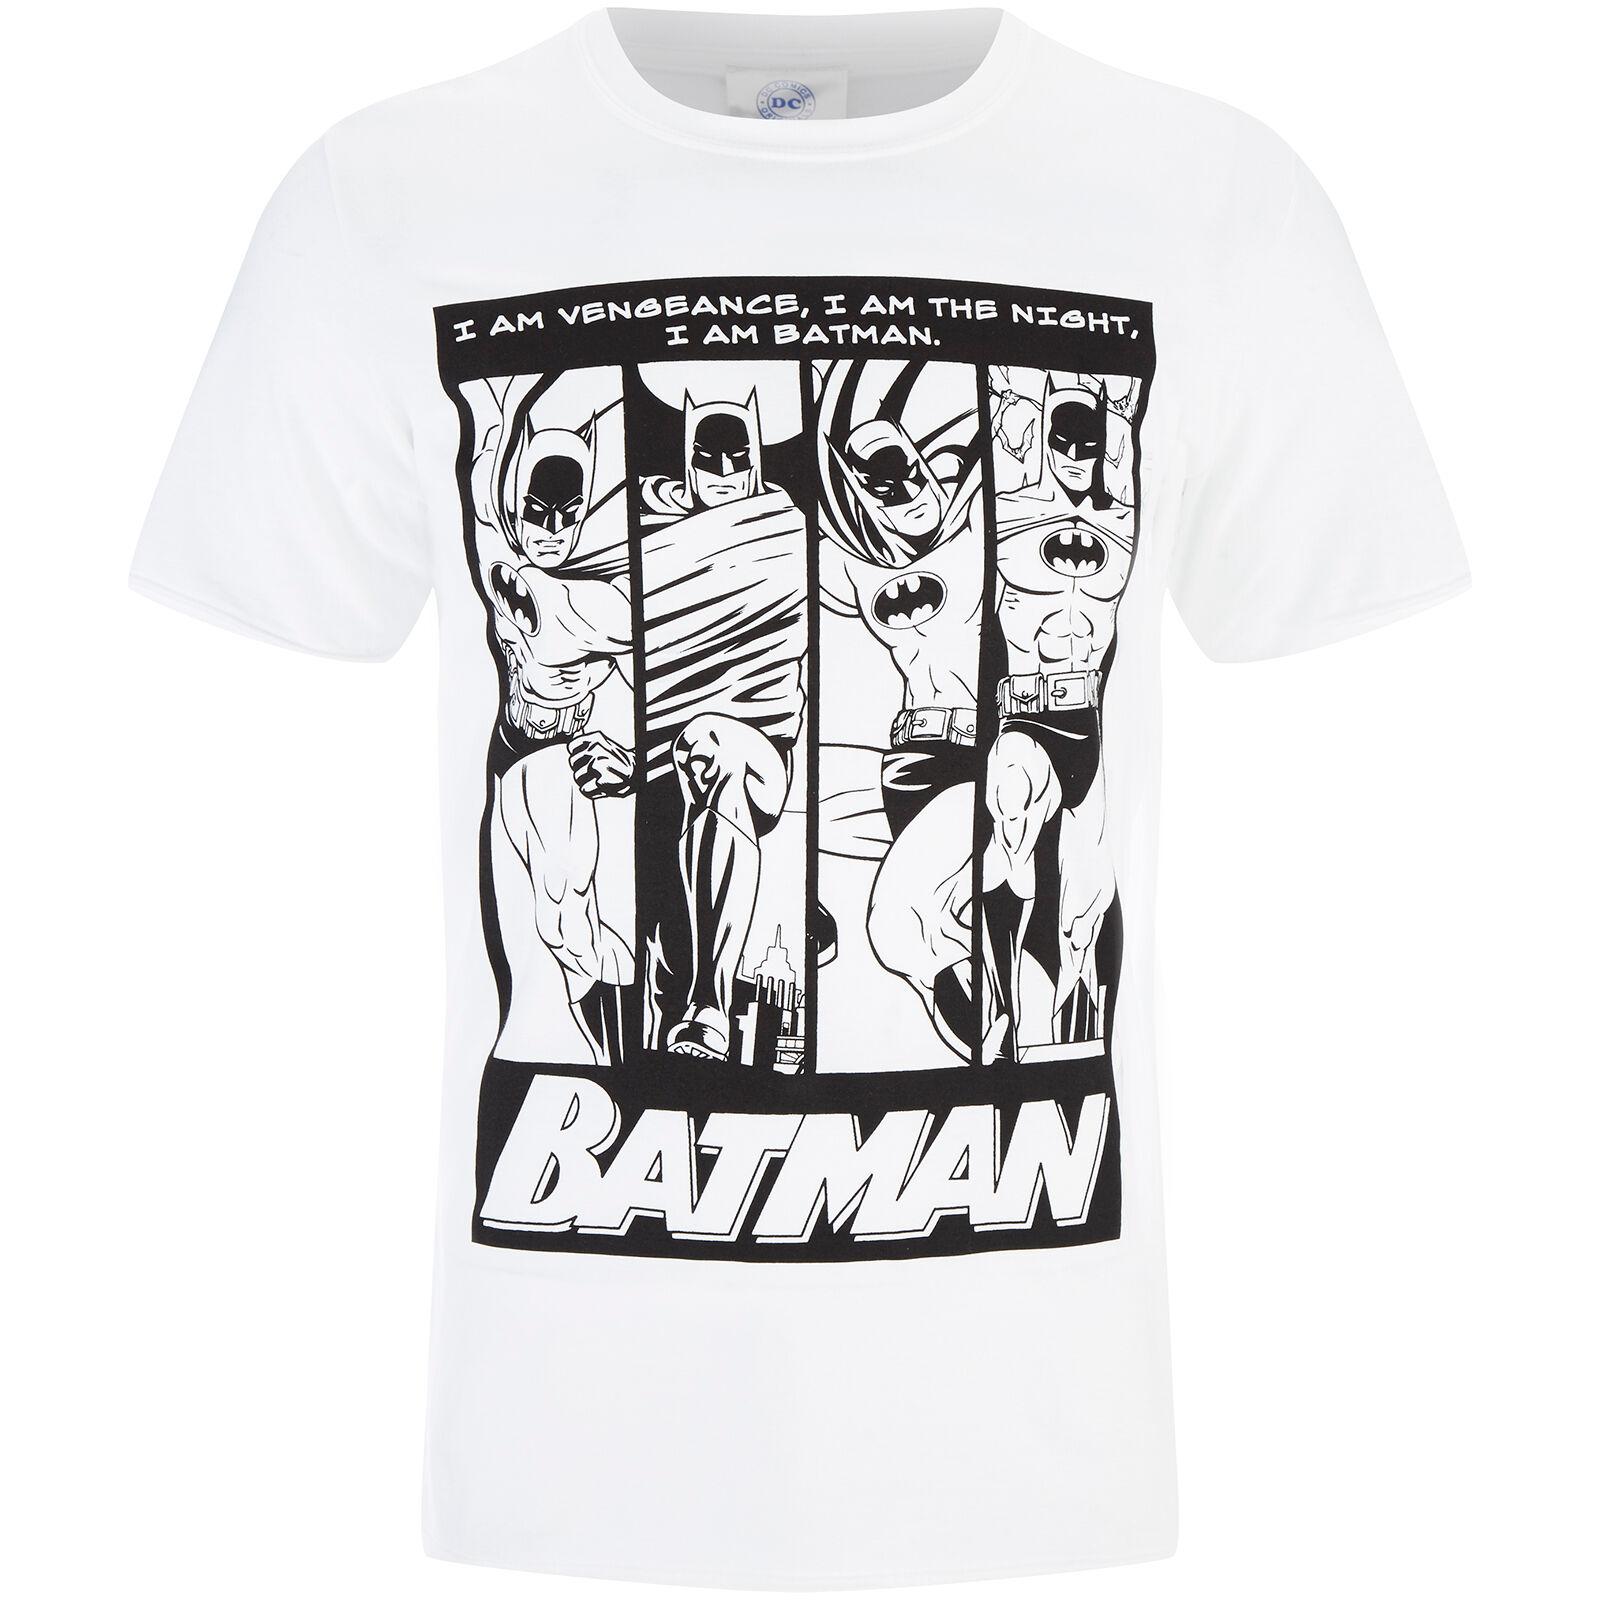 Geek Clothing DC Comics Men's Batman I am Batman T-Shirt - White - L - White